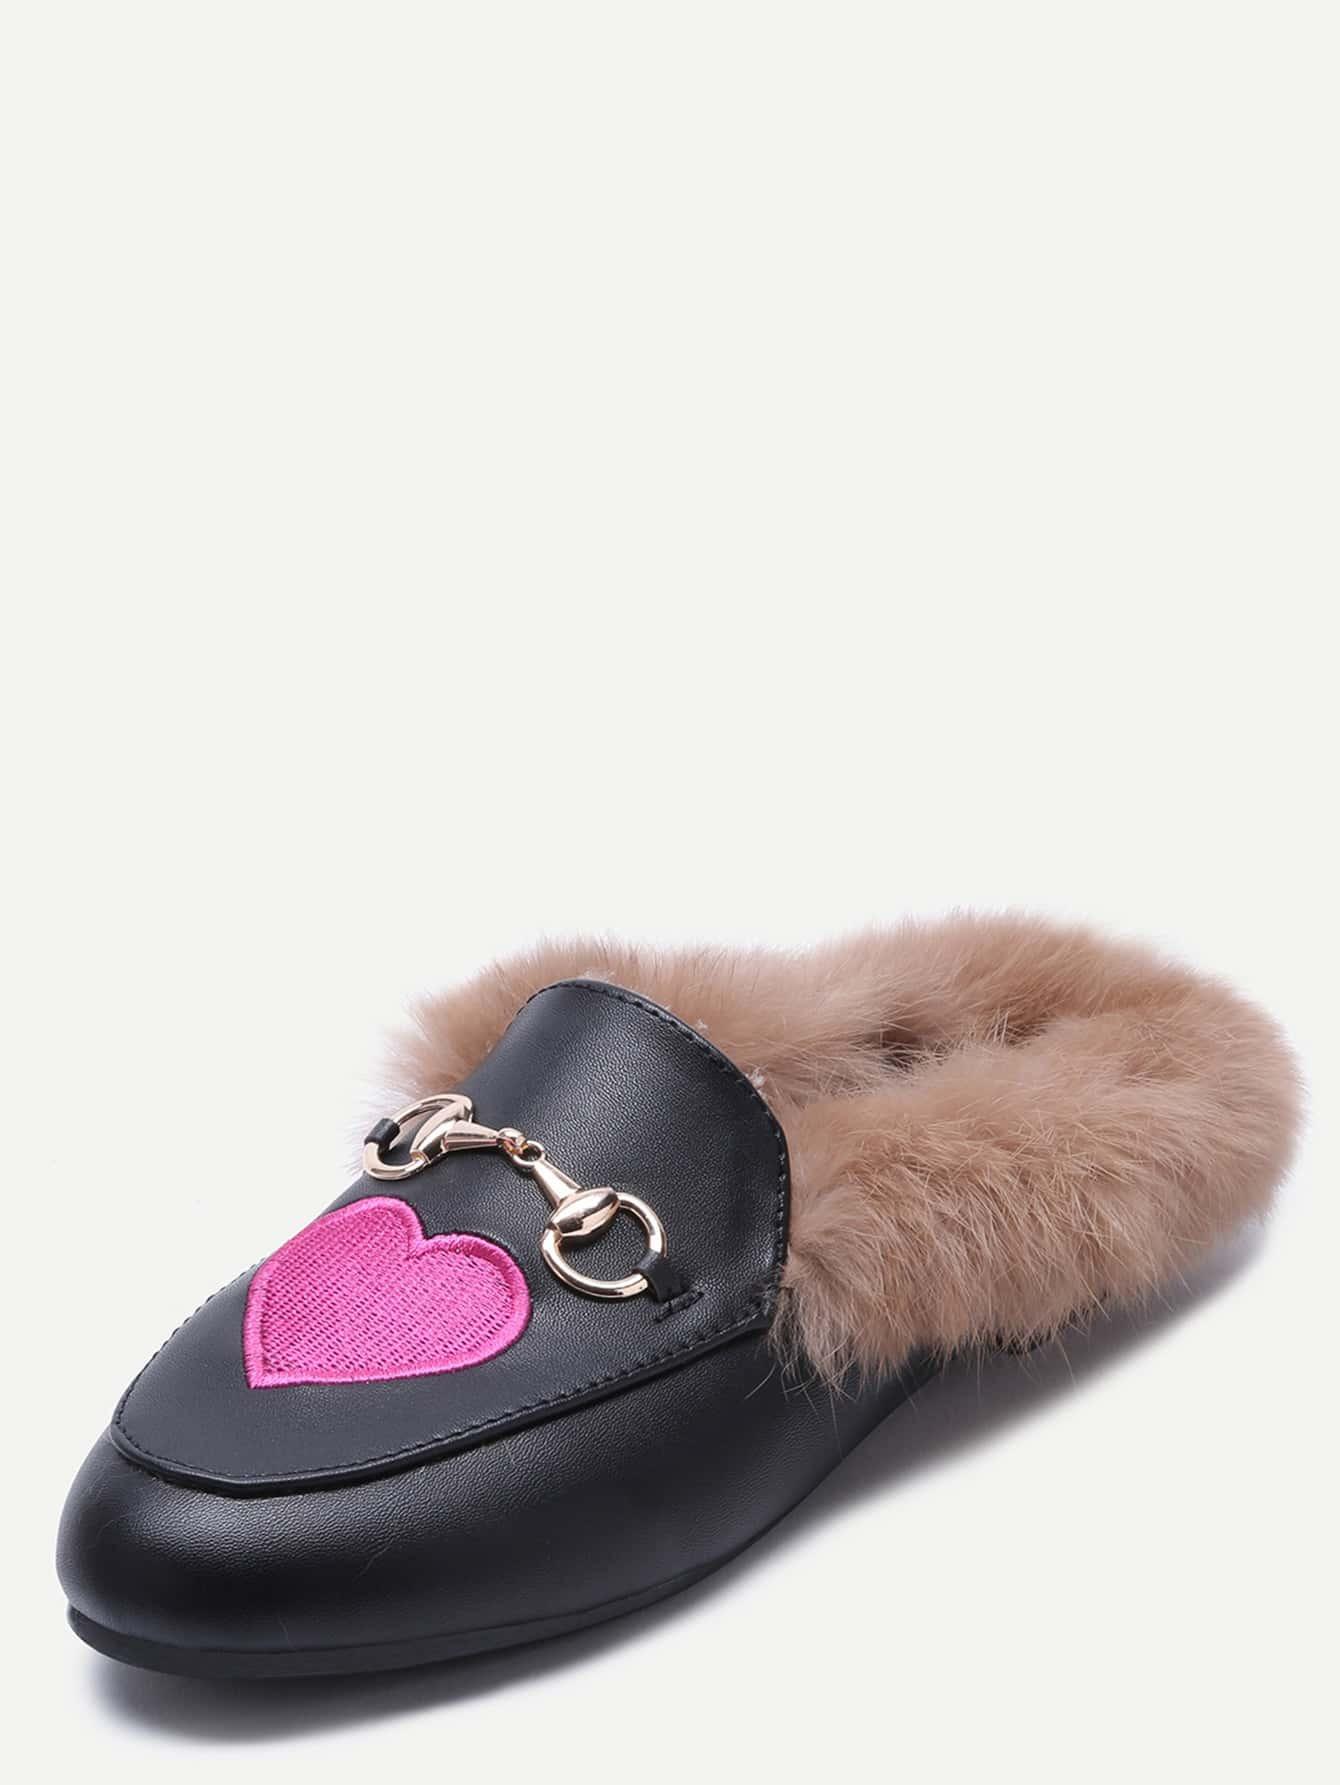 shoes161109810_2